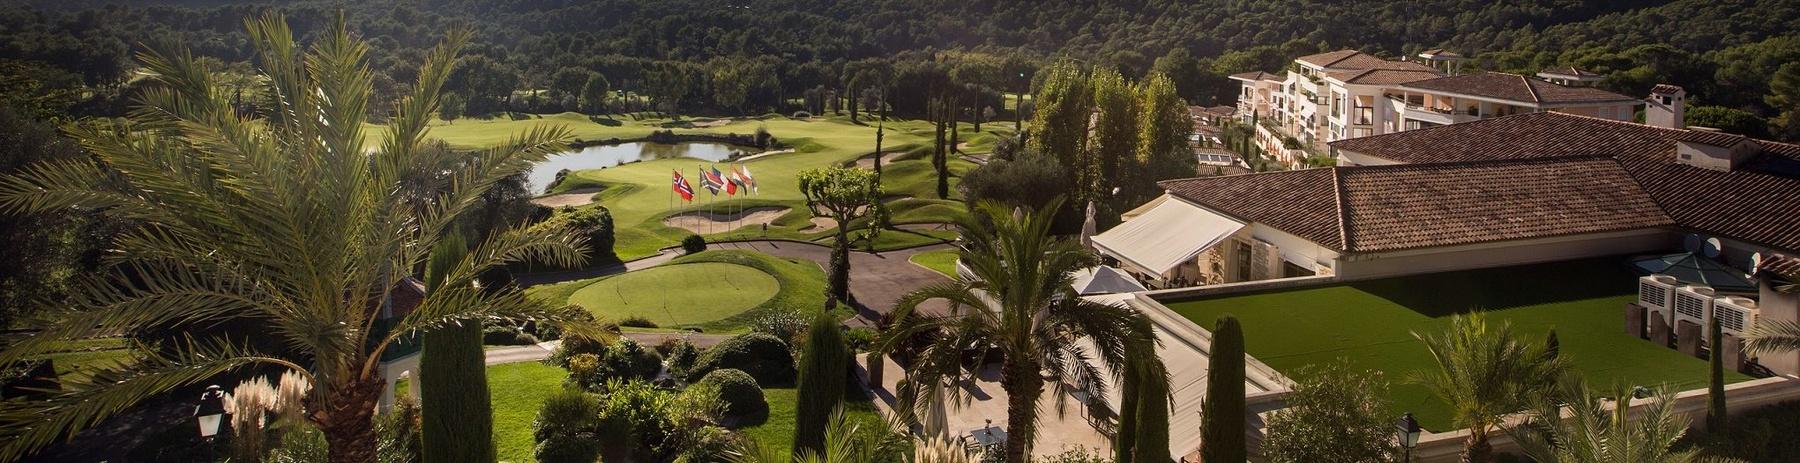 Royal Mougins Golf Resort panorama (3) – resized